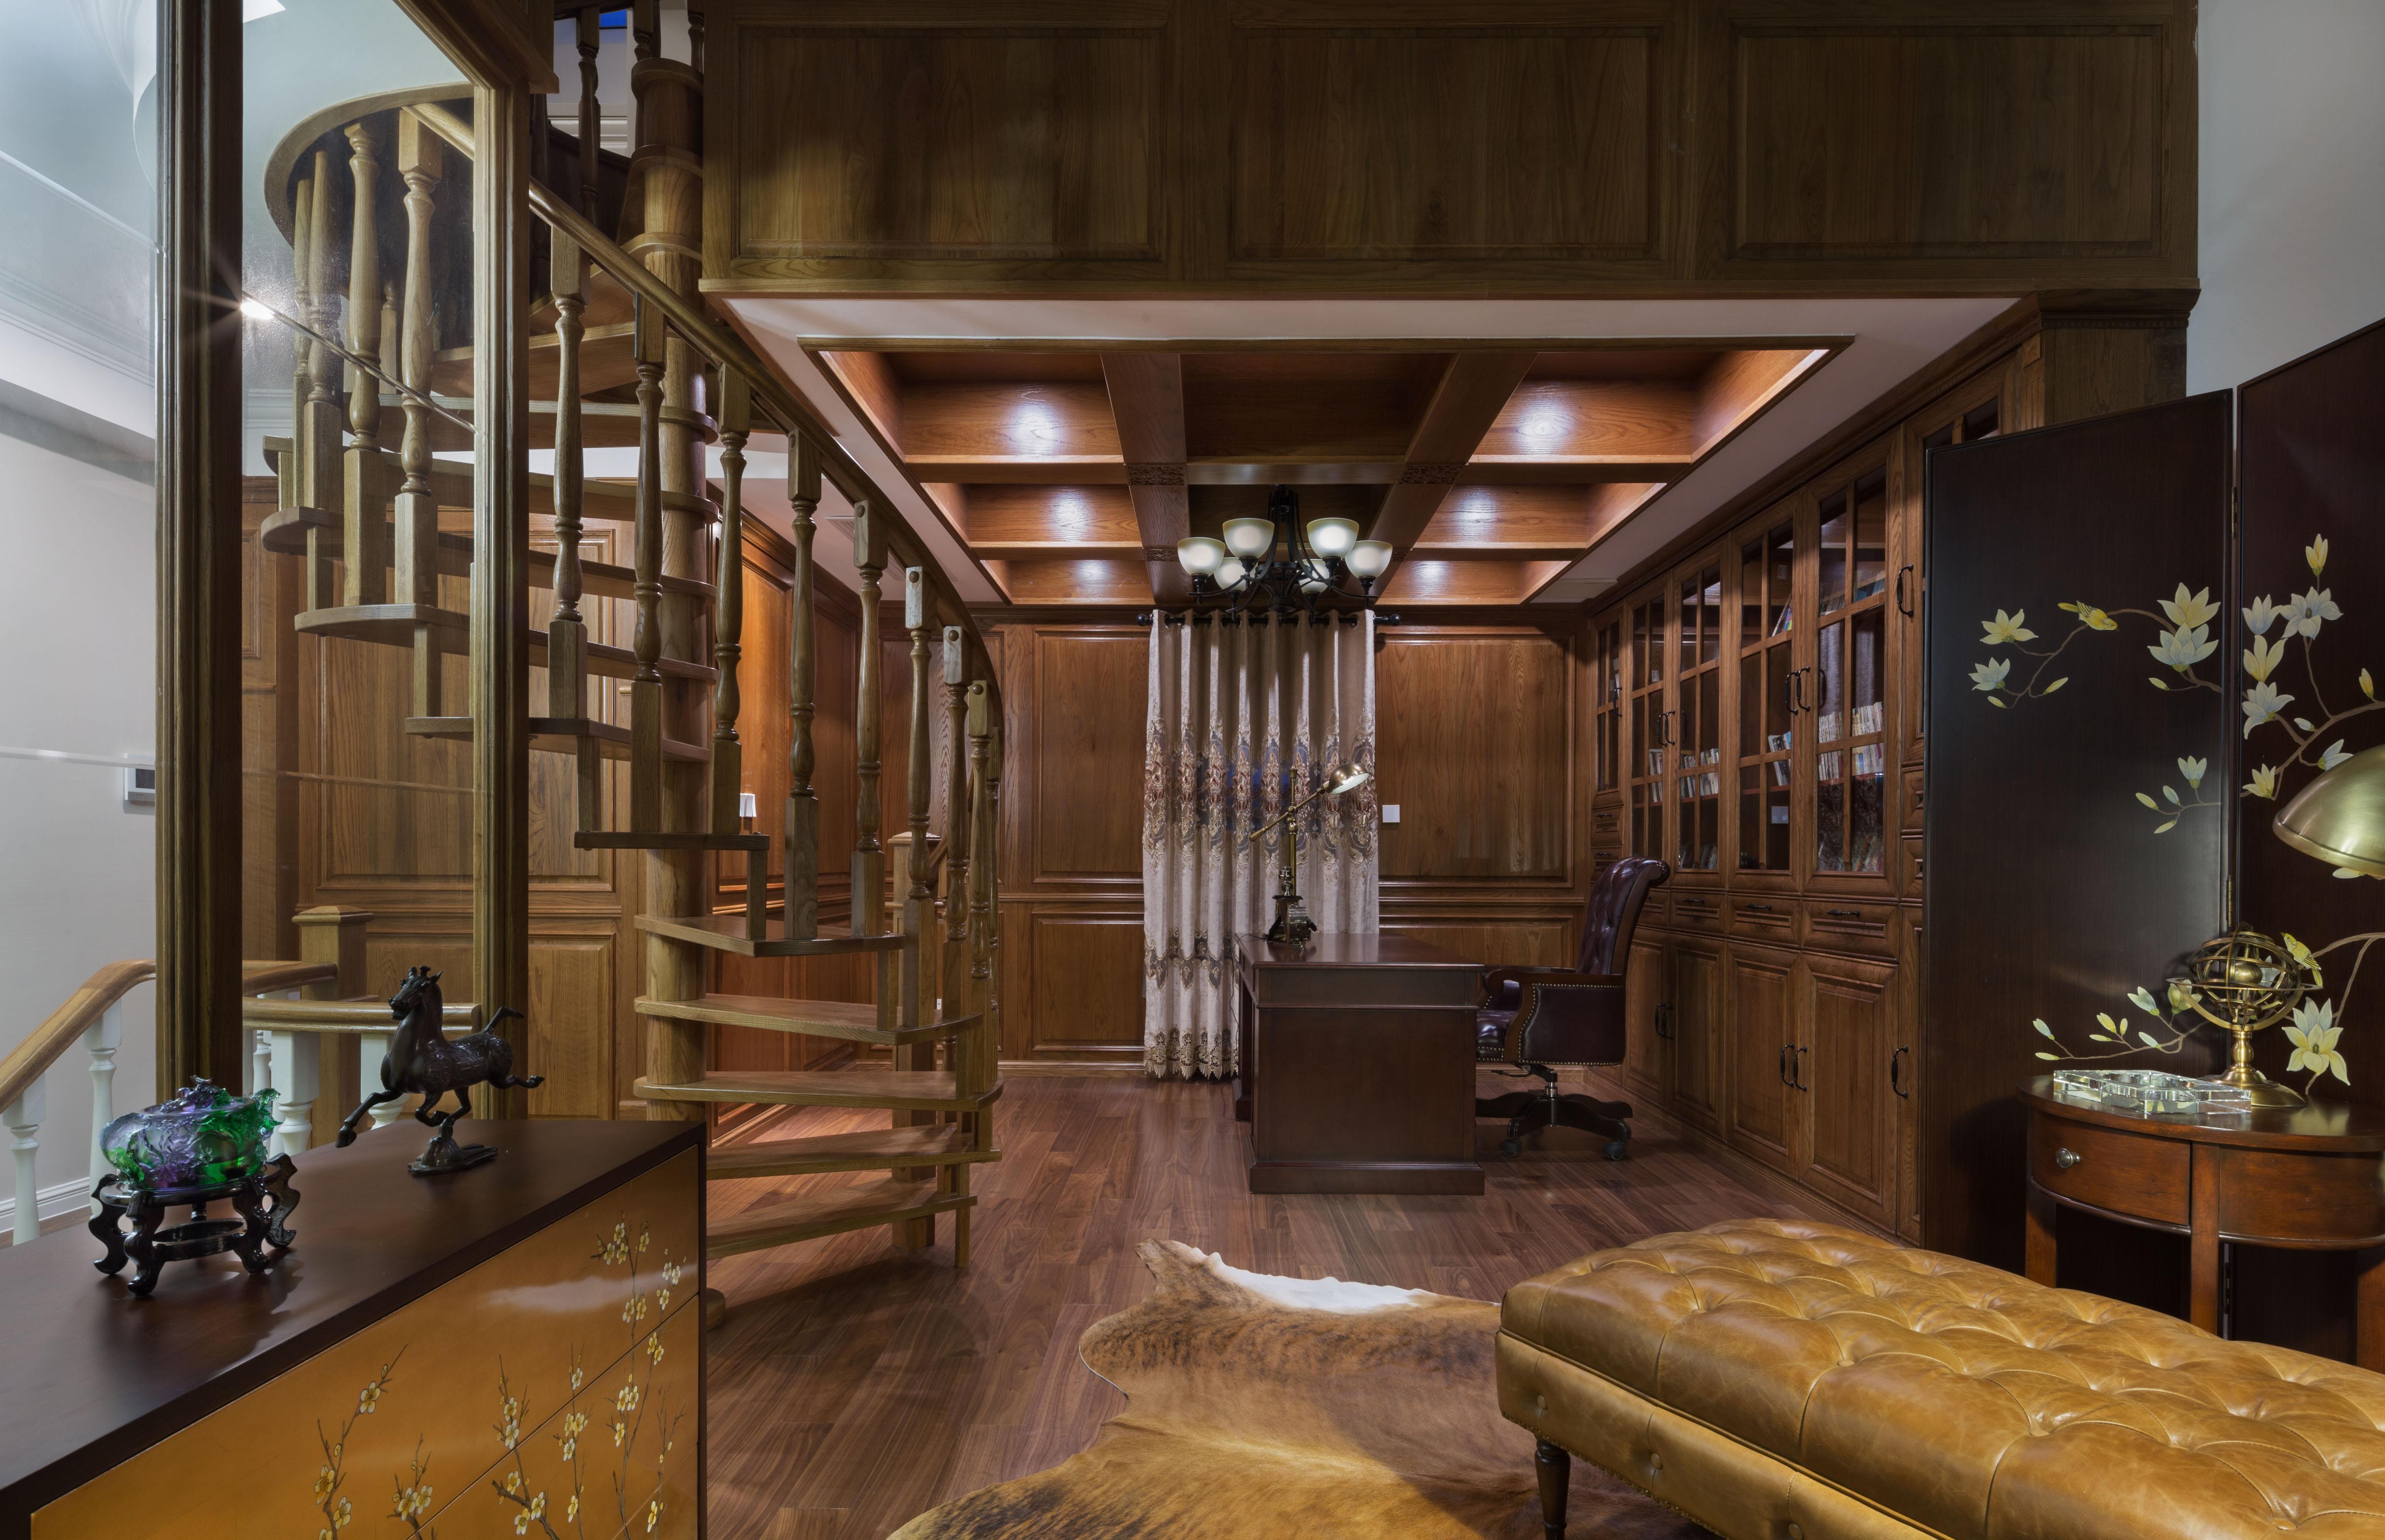 中金海棠湾 别墅装修 美式风格 别墅设计师 腾龙别墅设 其他图片来自孔继民在中金海棠湾别墅美式风格设计方案的分享